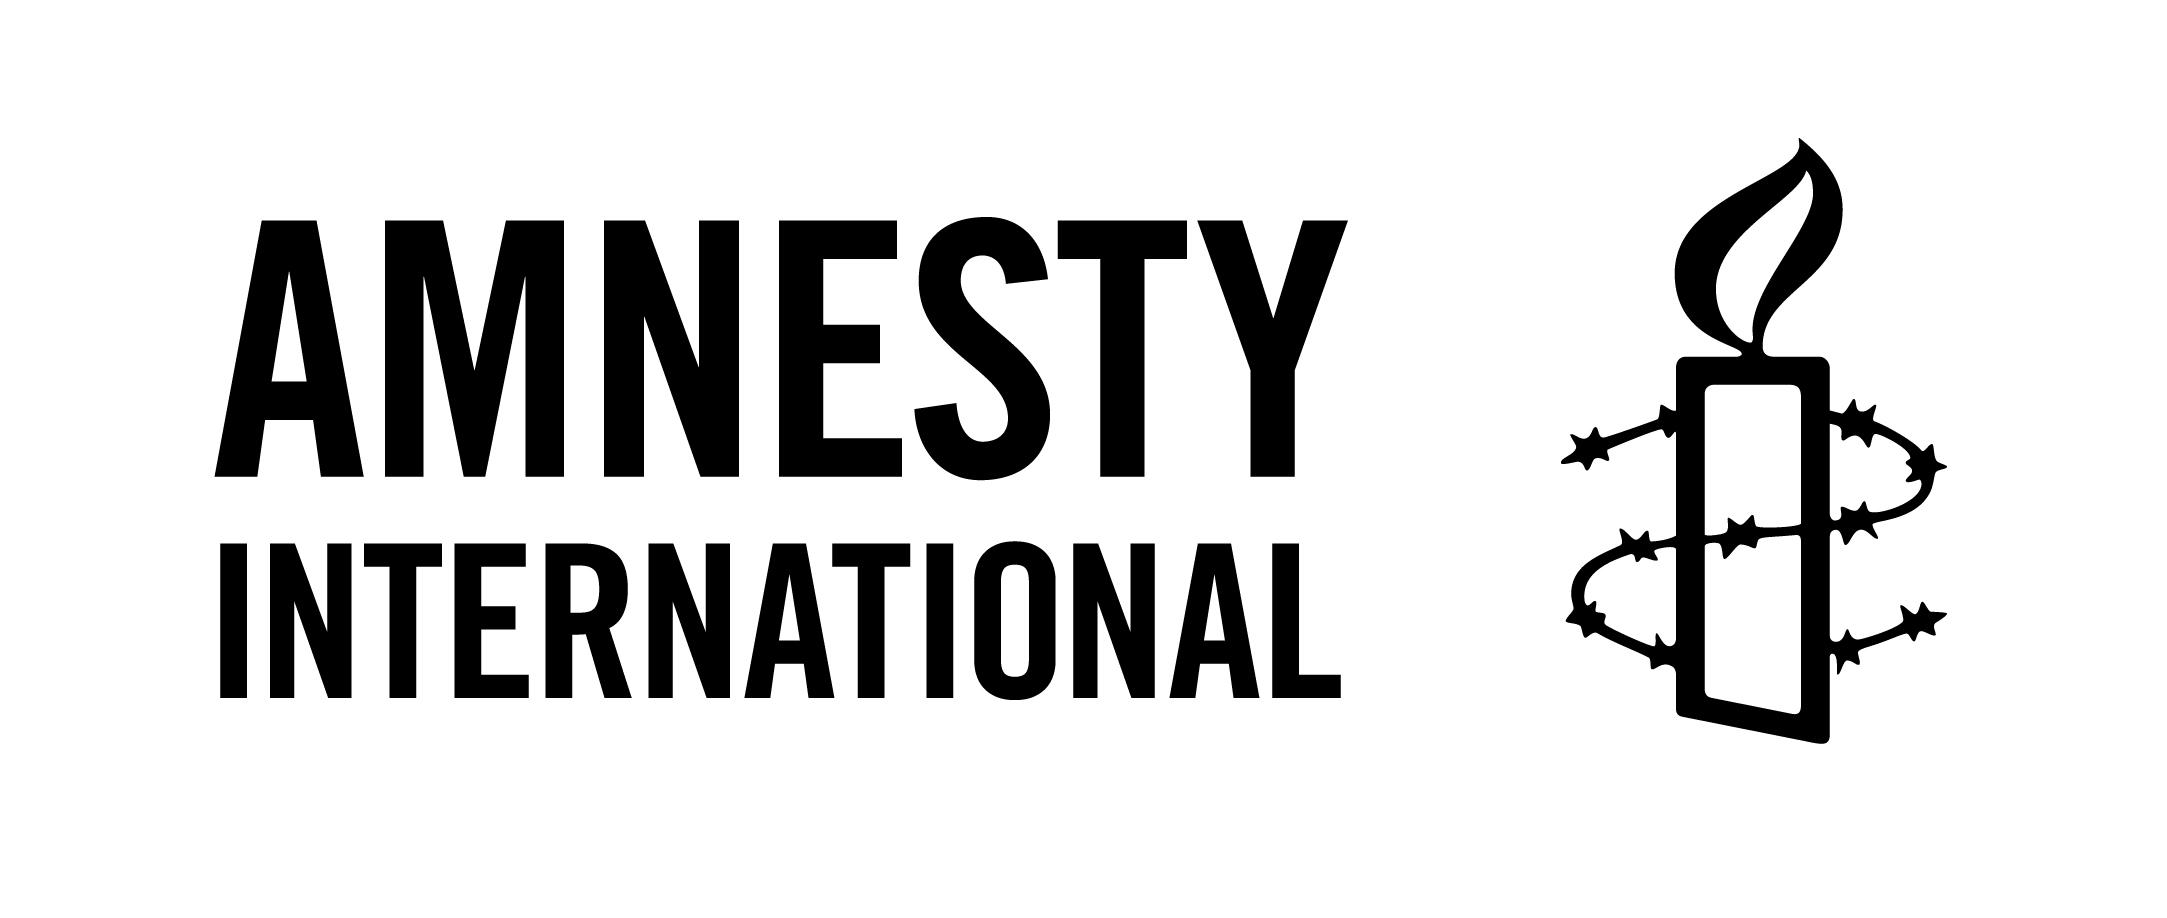 Hay'aada Amnesty International oo Sheegtay in Ciidamada Burma  ay Dagaal isir sifayn ah kuwadaan Muslimiinta Rohingya